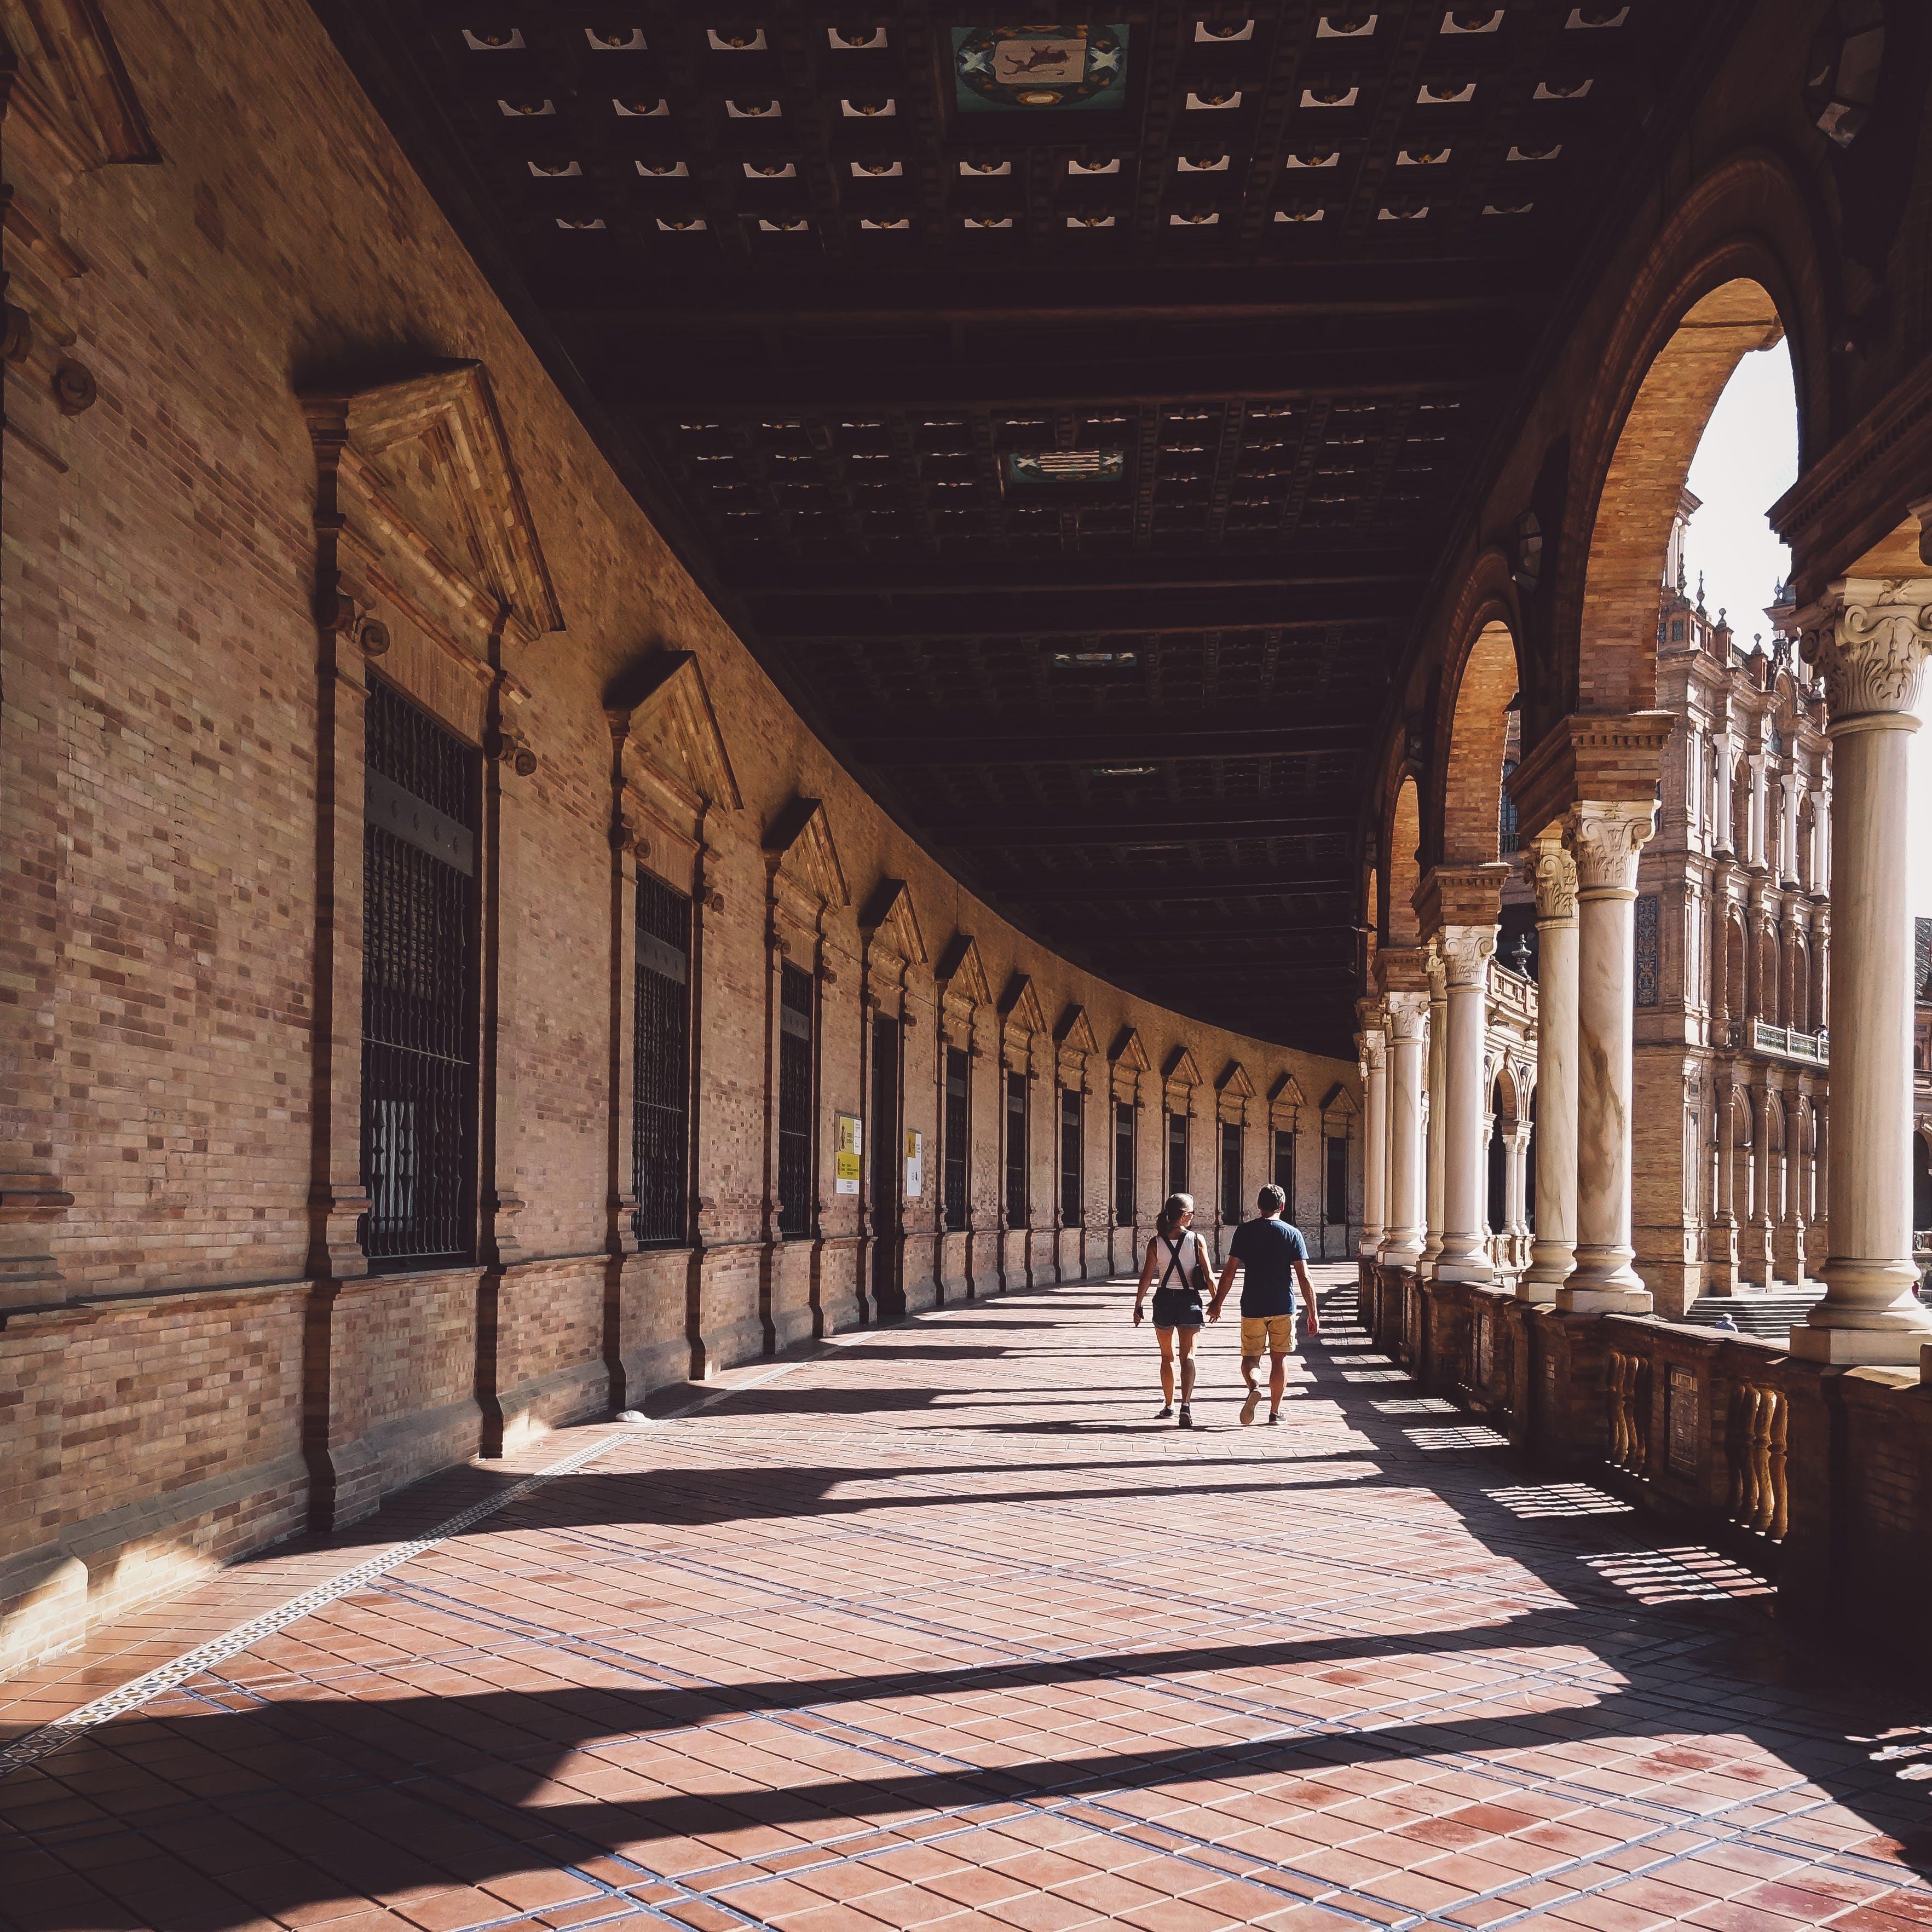 bina, insanlar, kemerler, kolonlar içeren Ücretsiz stok fotoğraf